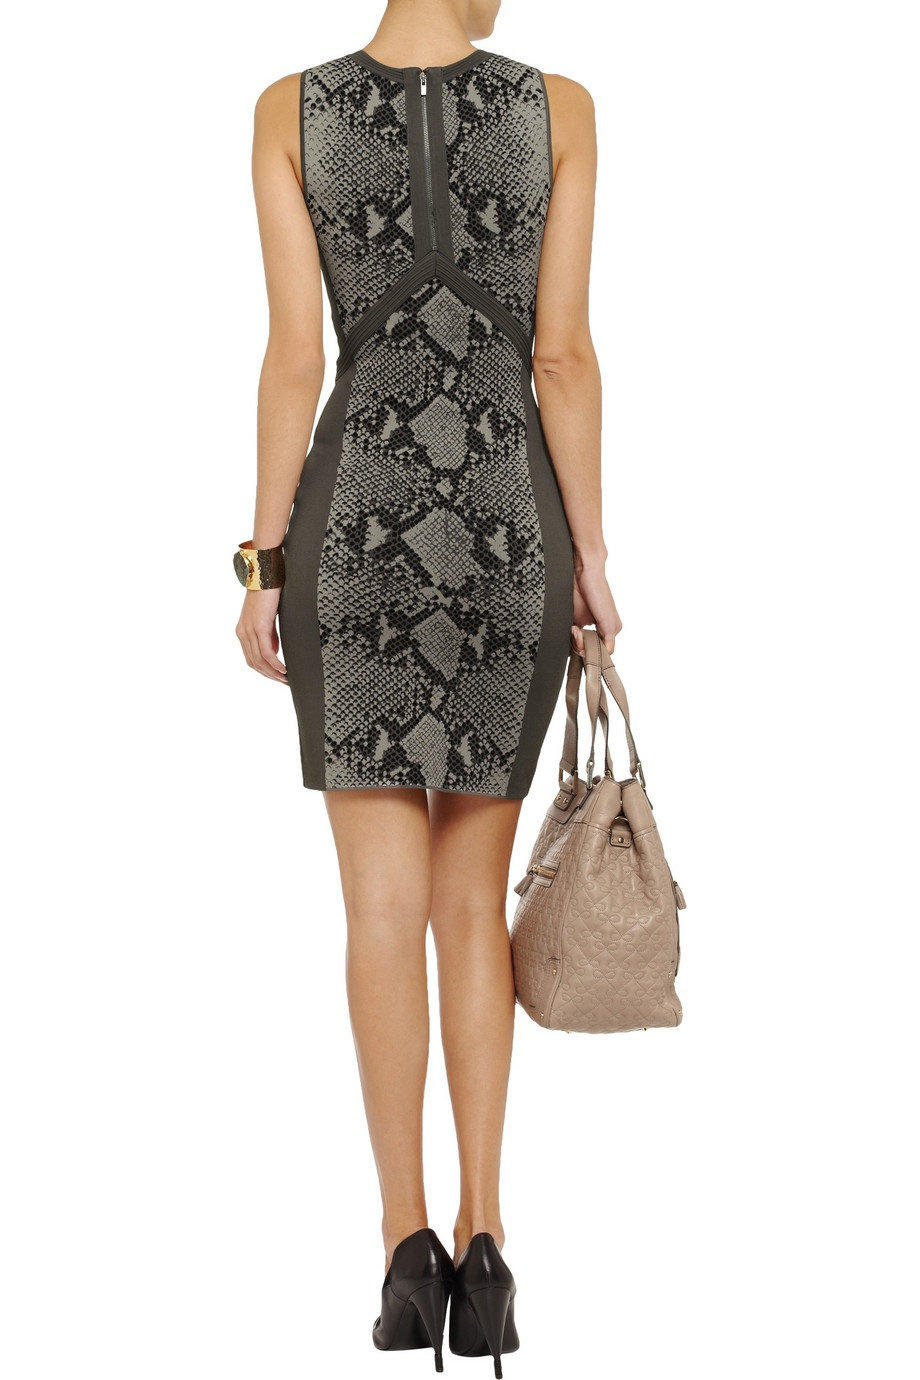 Diane Von Furstenberg брендовое платье моделирующее фигуру р.44 Новое